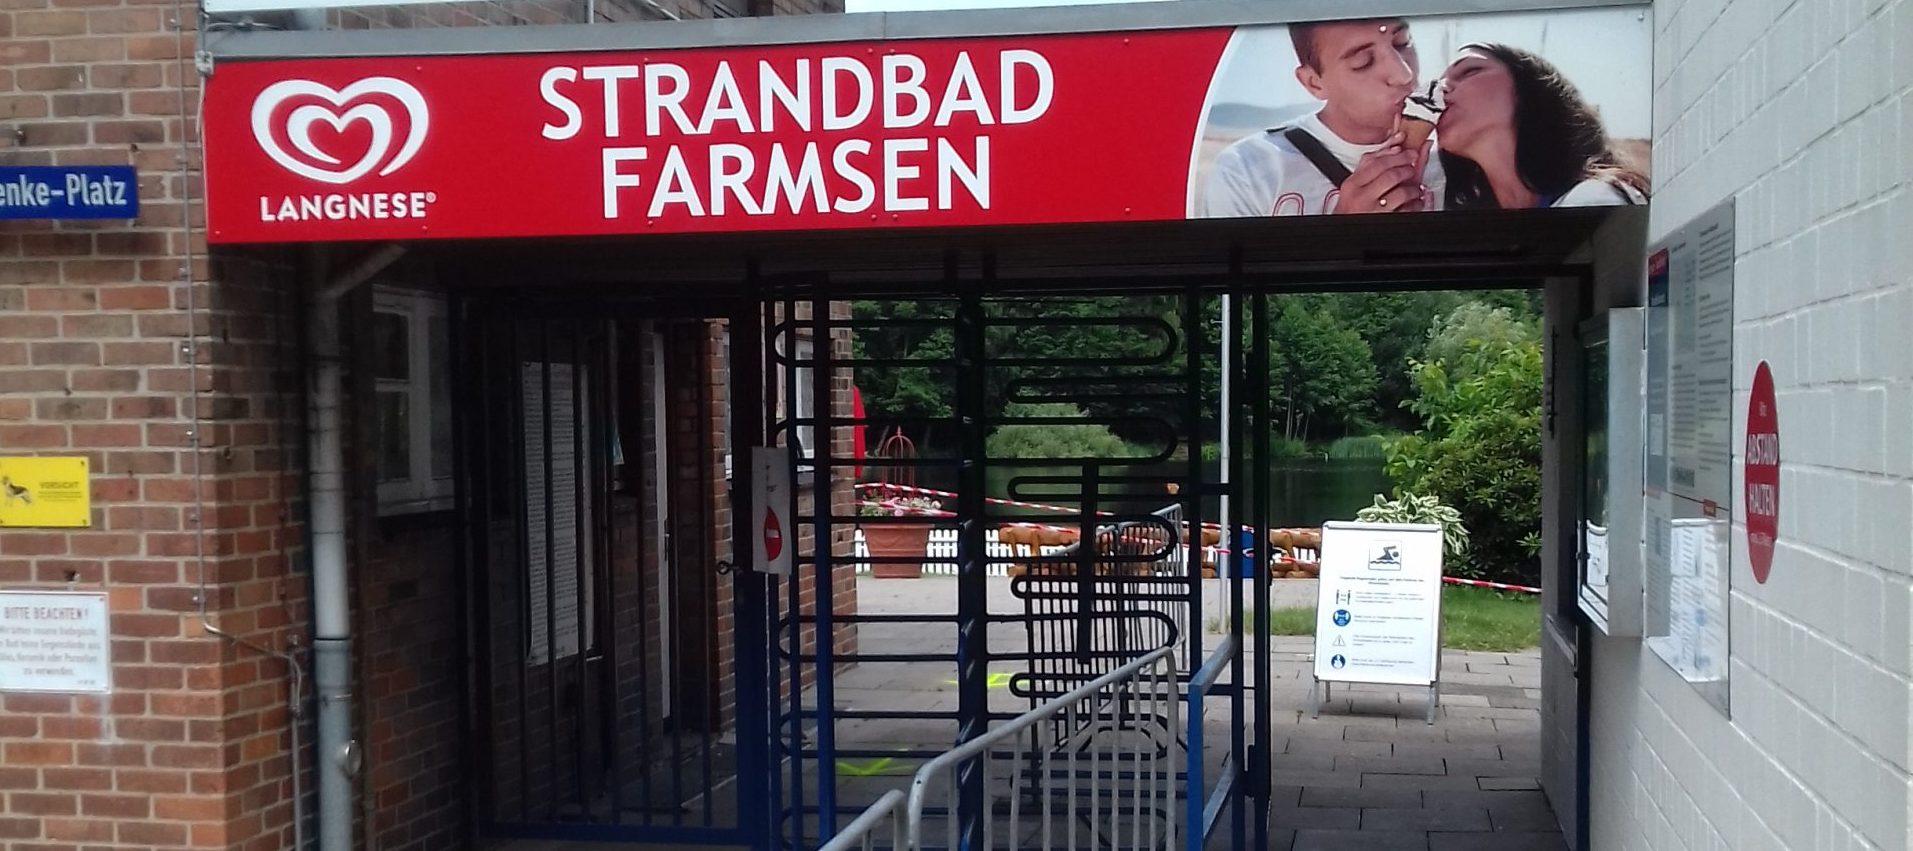 STRANDBAD FARMSEN KANN WIEDER ÖFFNEN